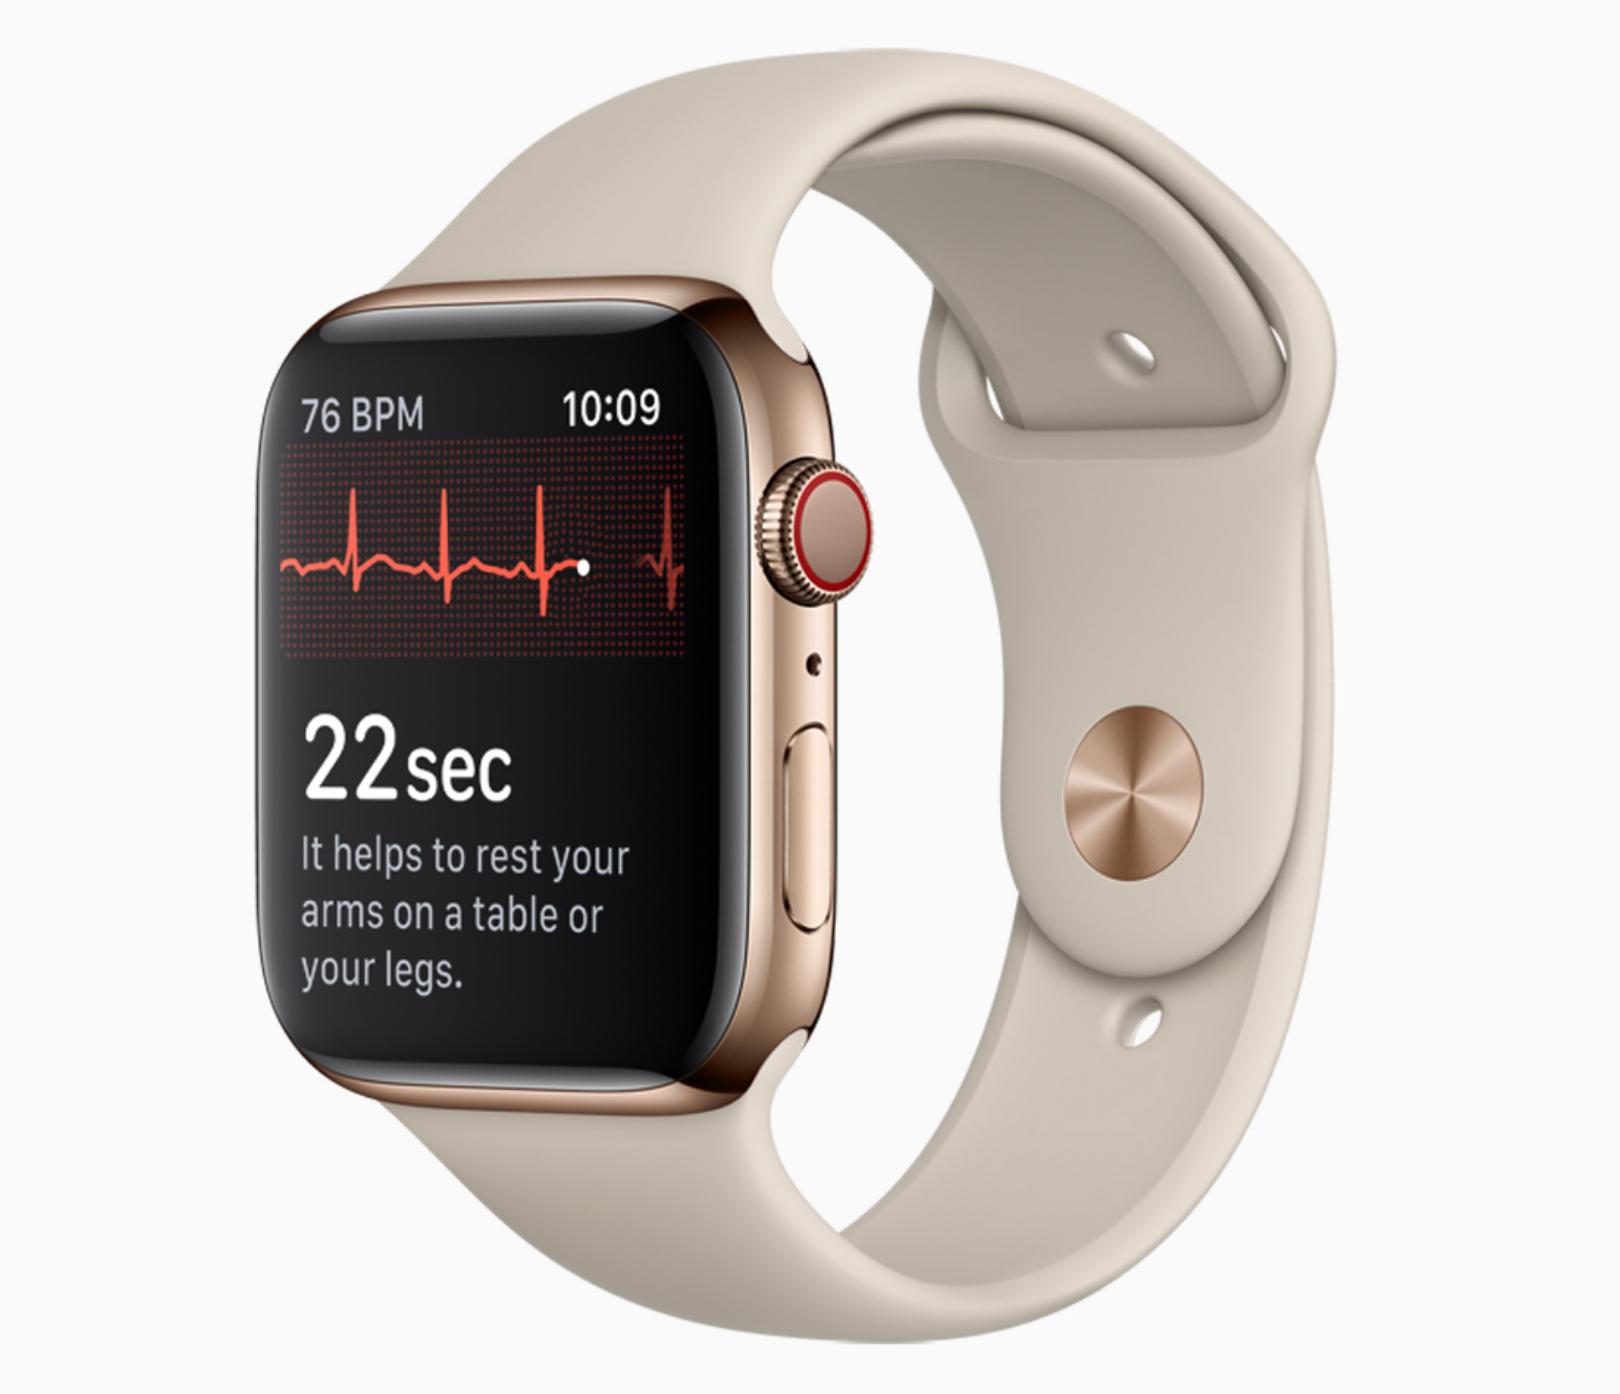 (MàJ) La mise à jour watchOS 5.1.2 est disponible : avec l'électrocardiogramme, alertes arythmie et autres nouveautés 1